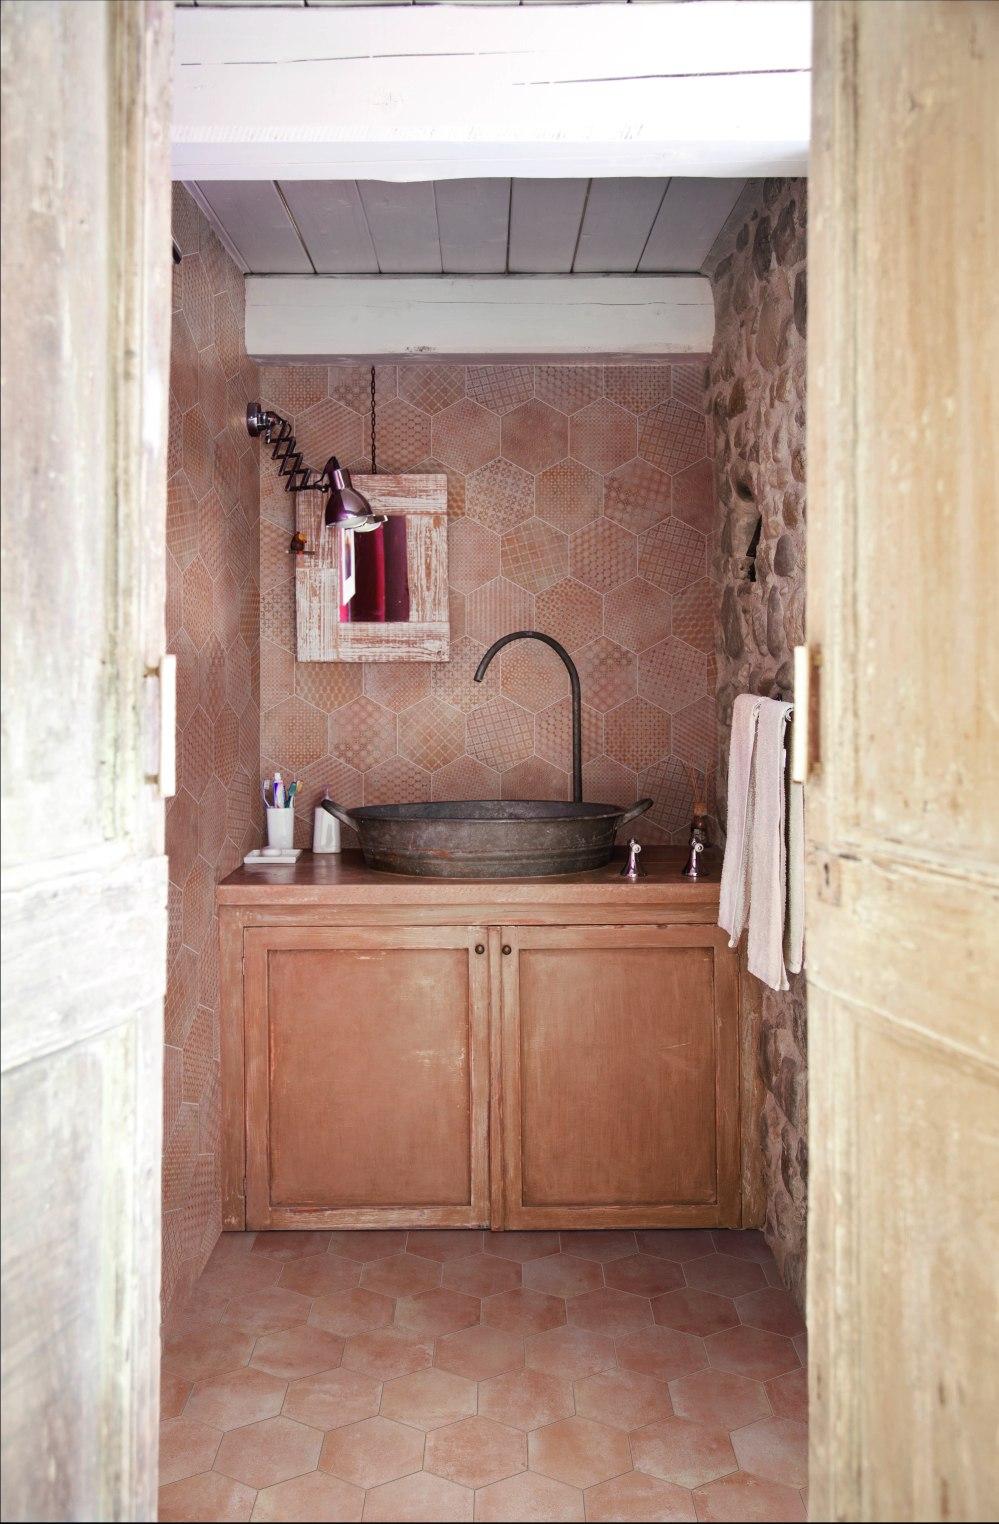 Kakeldaxgruppen-badrum med cotti d'italia hegagoner på vägg och golv